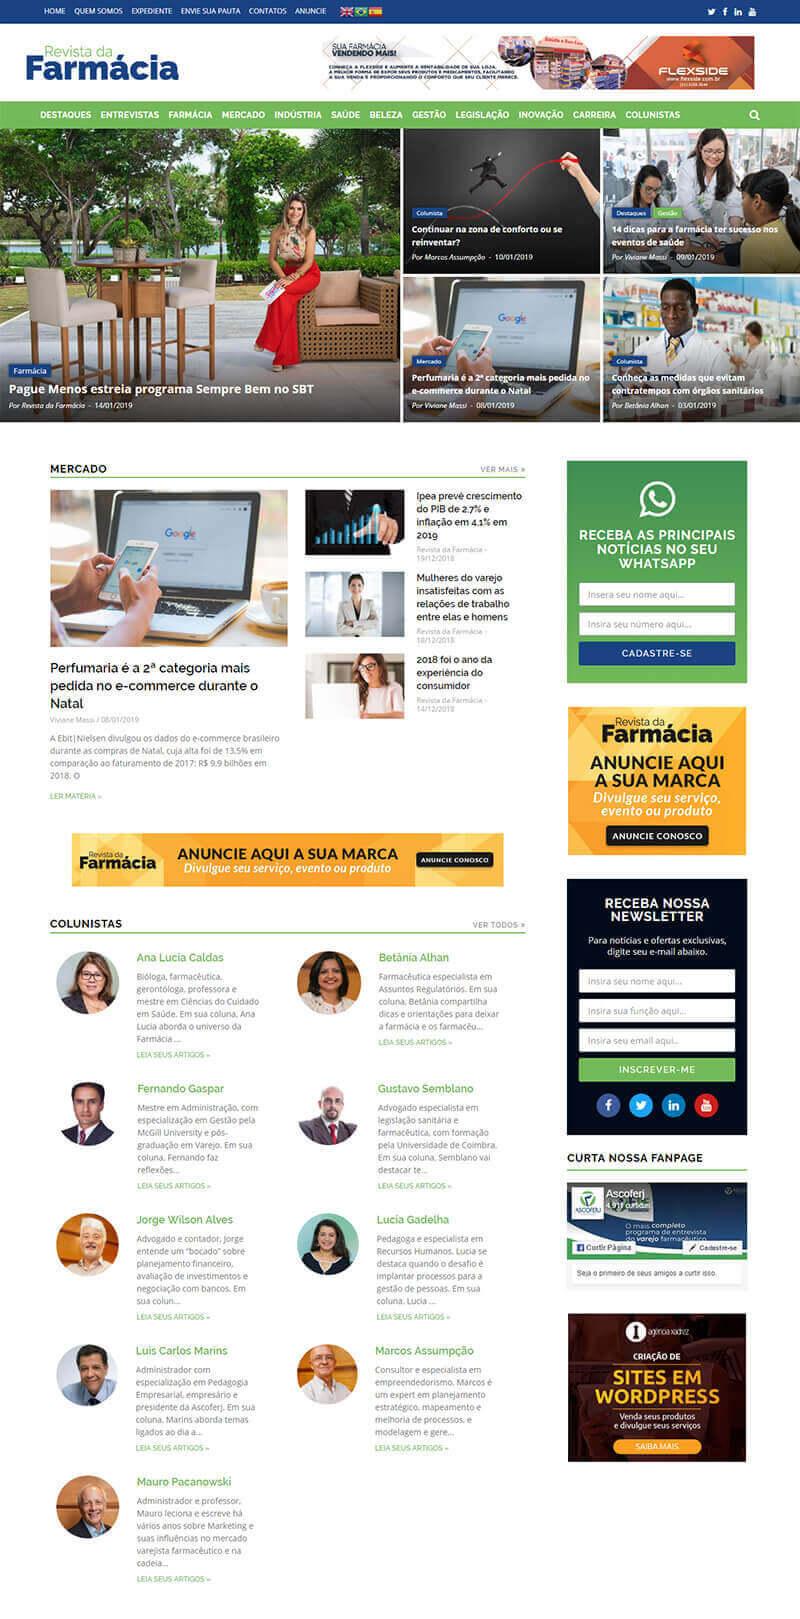 Tela mostrando a página inicial do site Revista da Farmácia